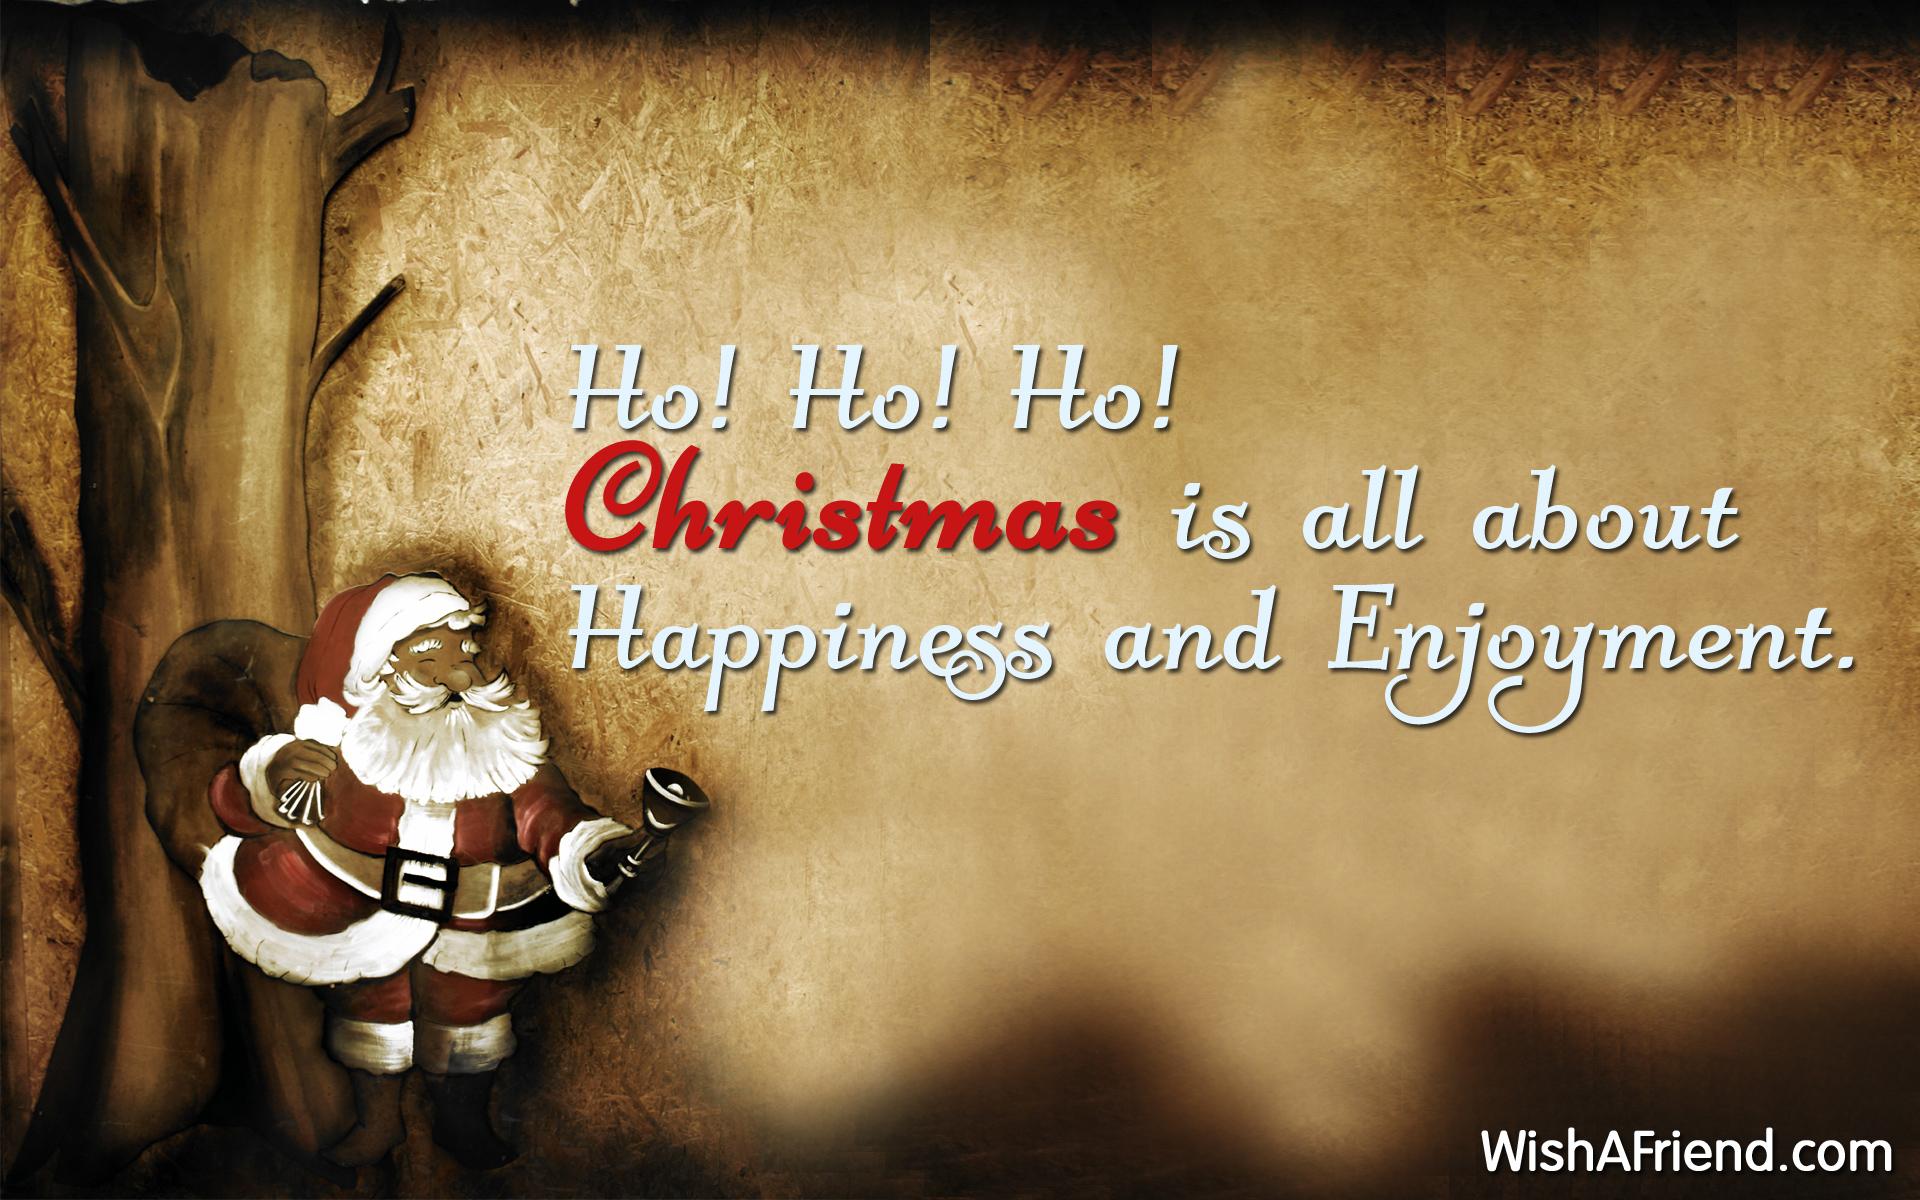 Ho! Ho! Ho! Christmas is